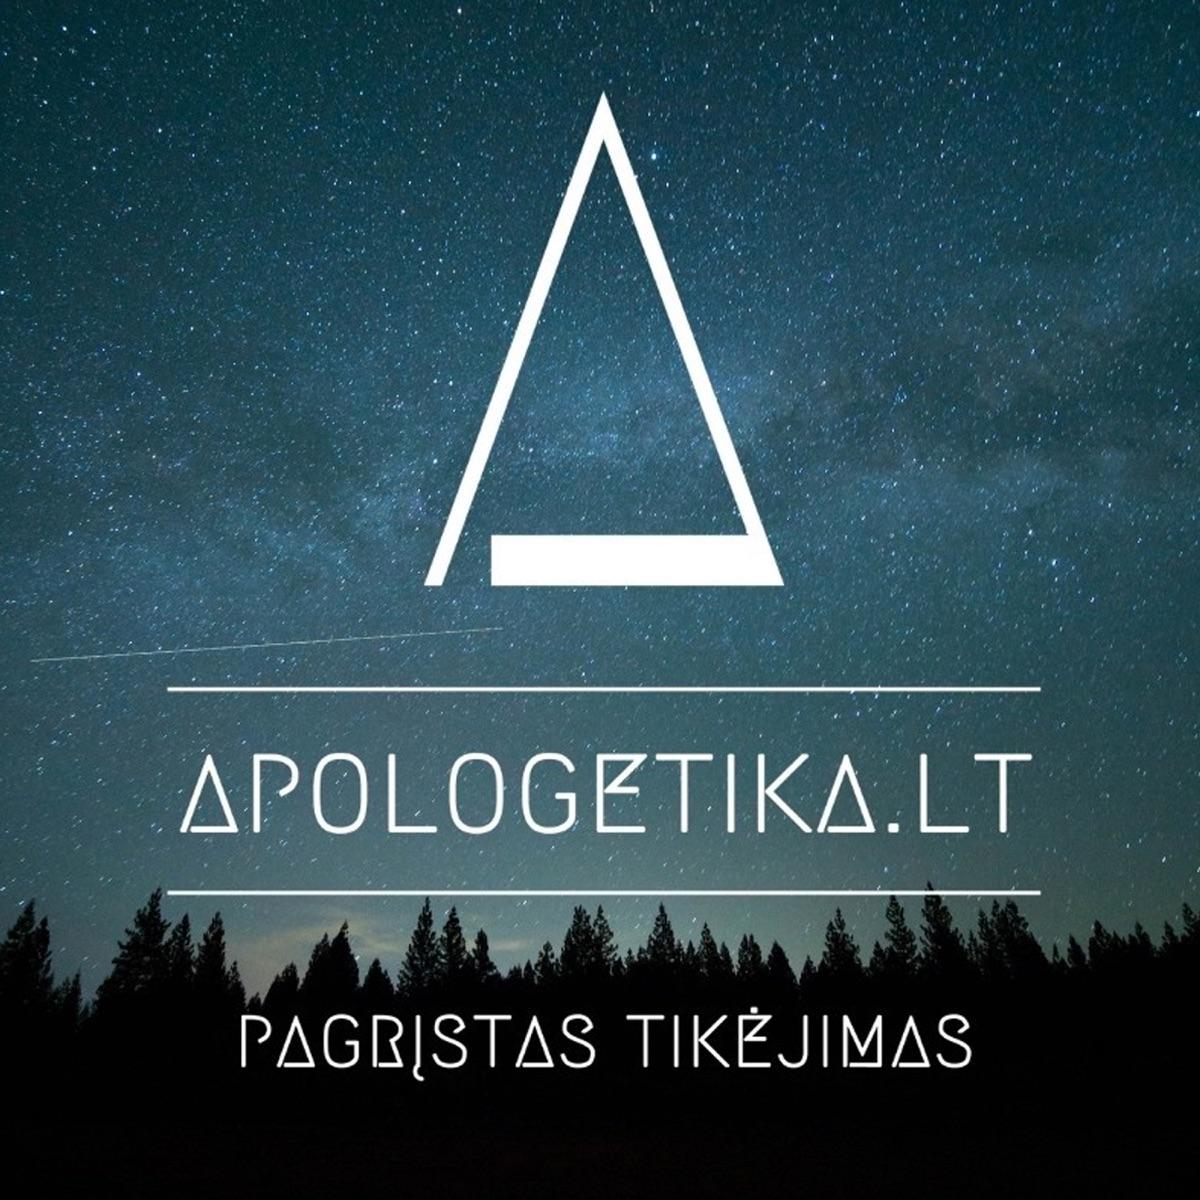 apologetika.lt